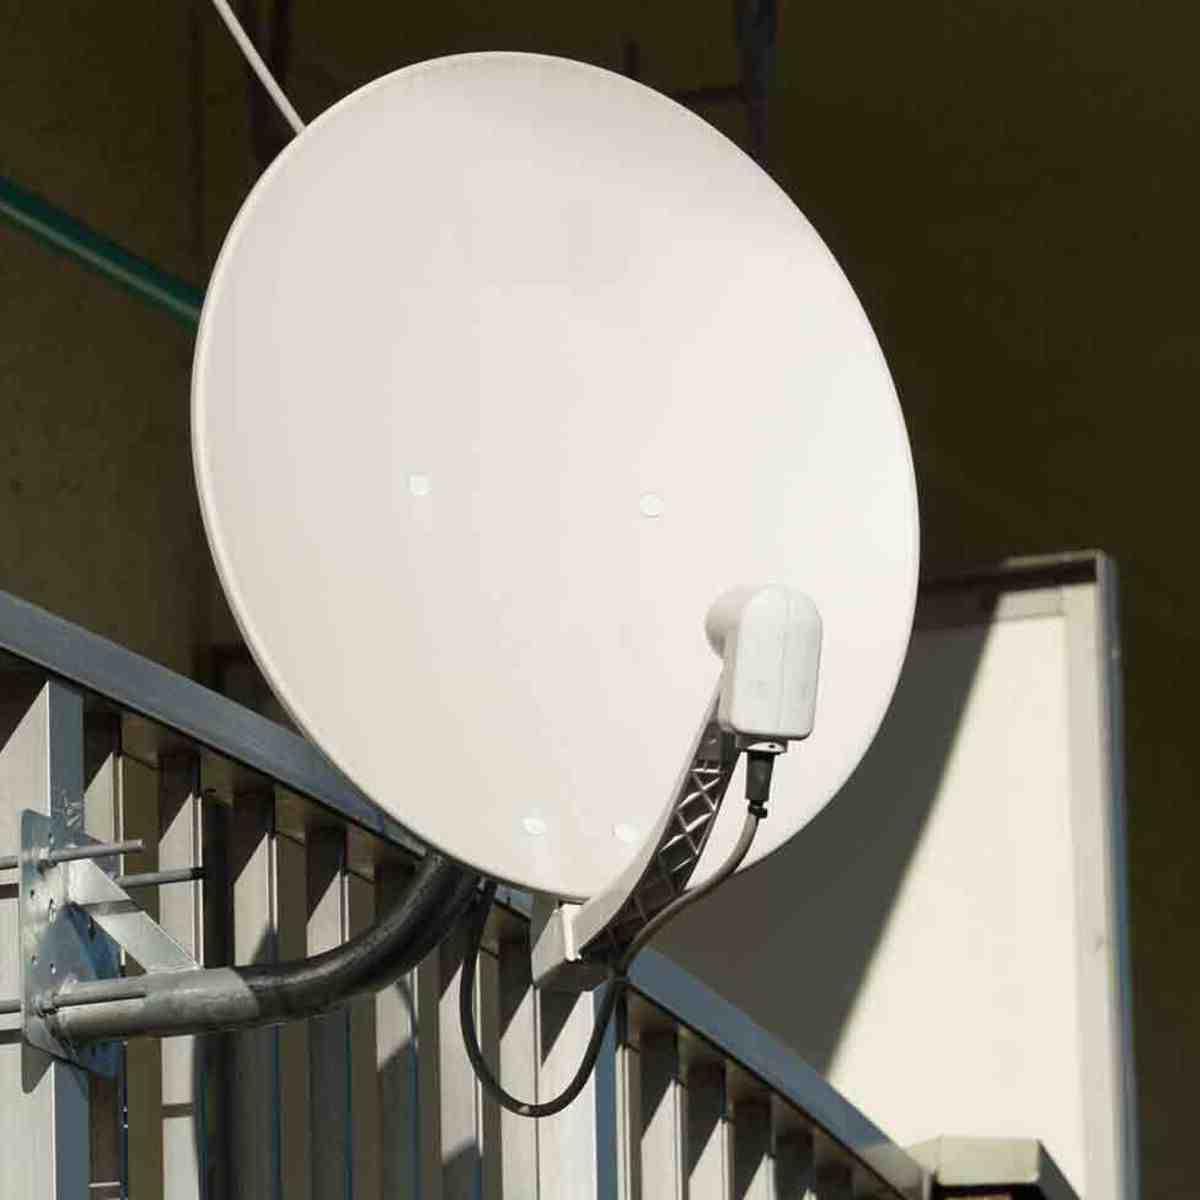 Comment faire pour avoir la télé sans antenne ?